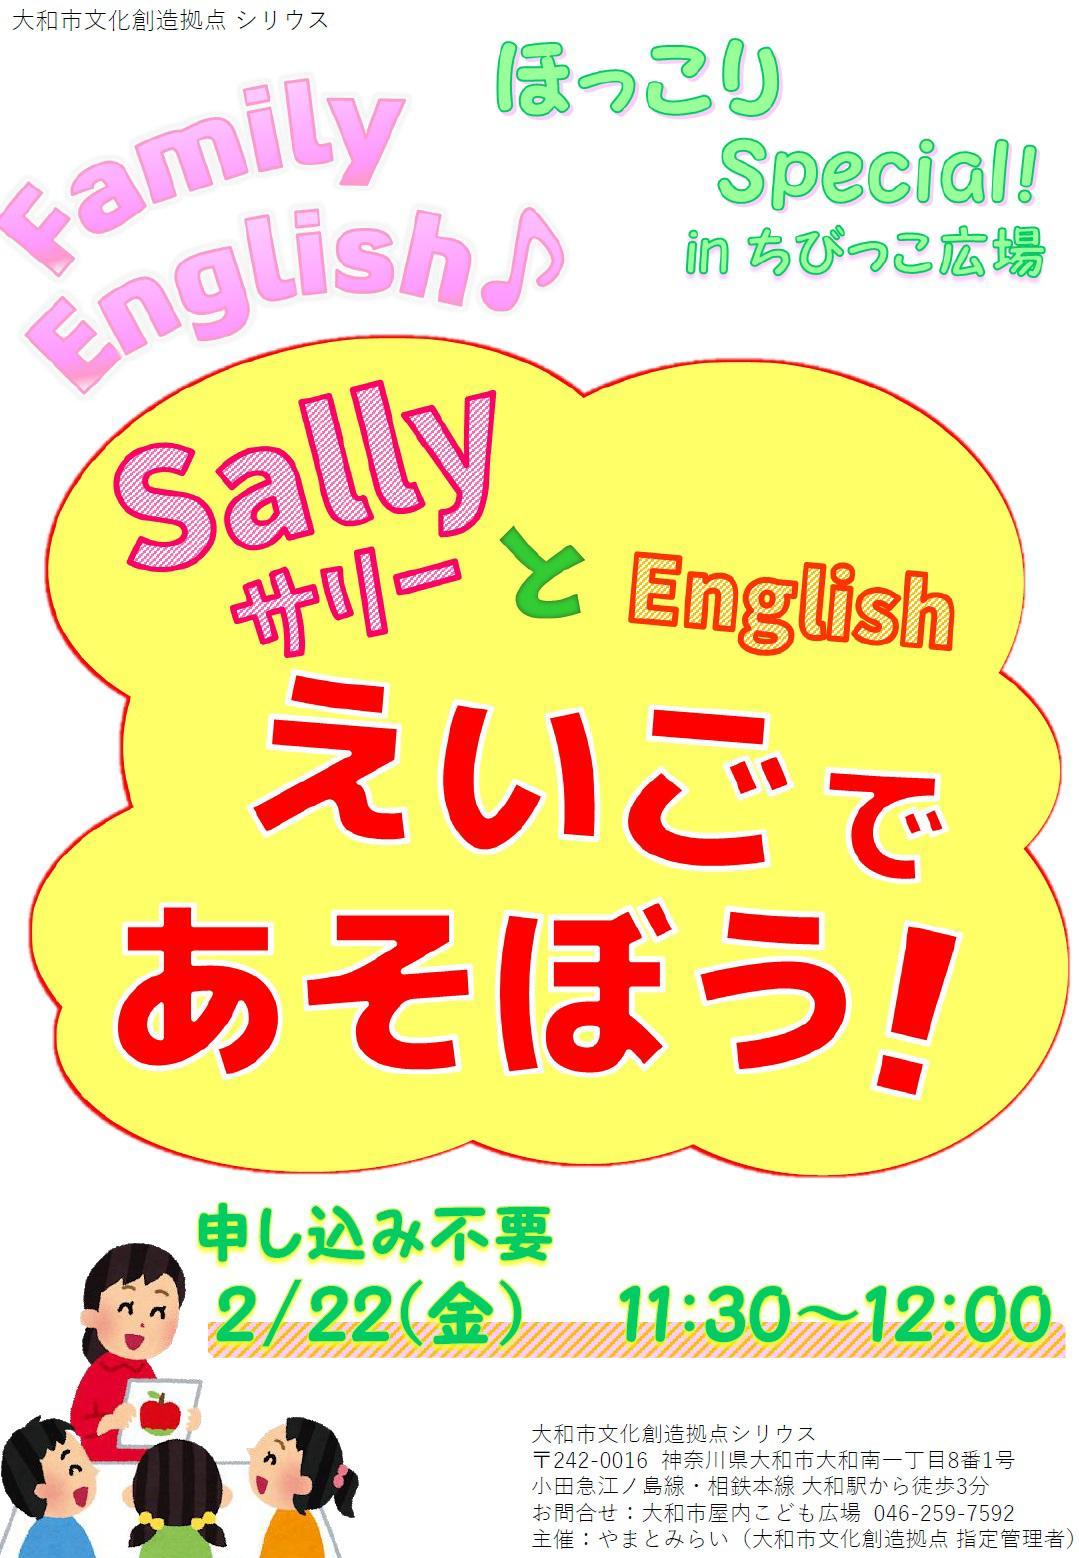 ほっこりSpecial!SallyとEnglish えいごであそぼう!